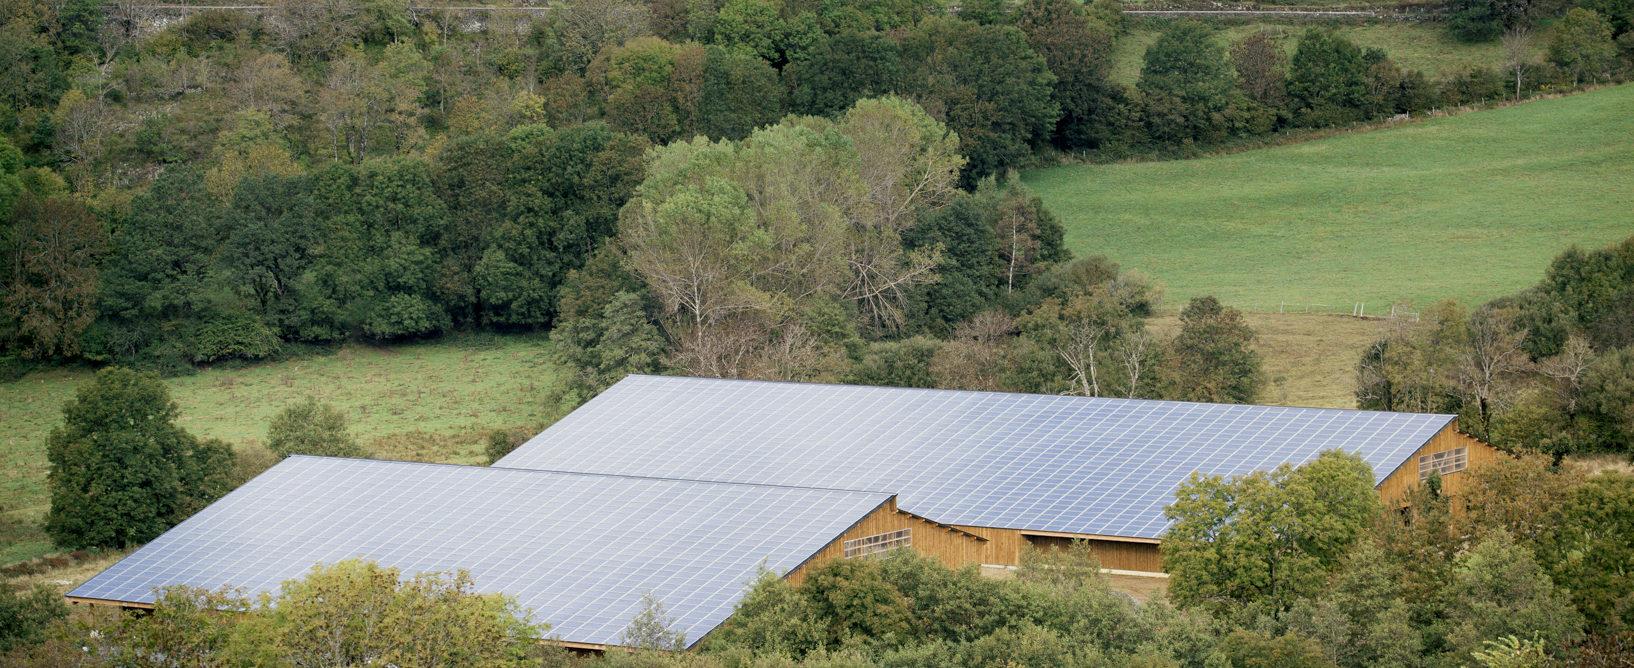 Centrale-solaire-photovoltaïque-Klara-Energie-1-e1516114061691